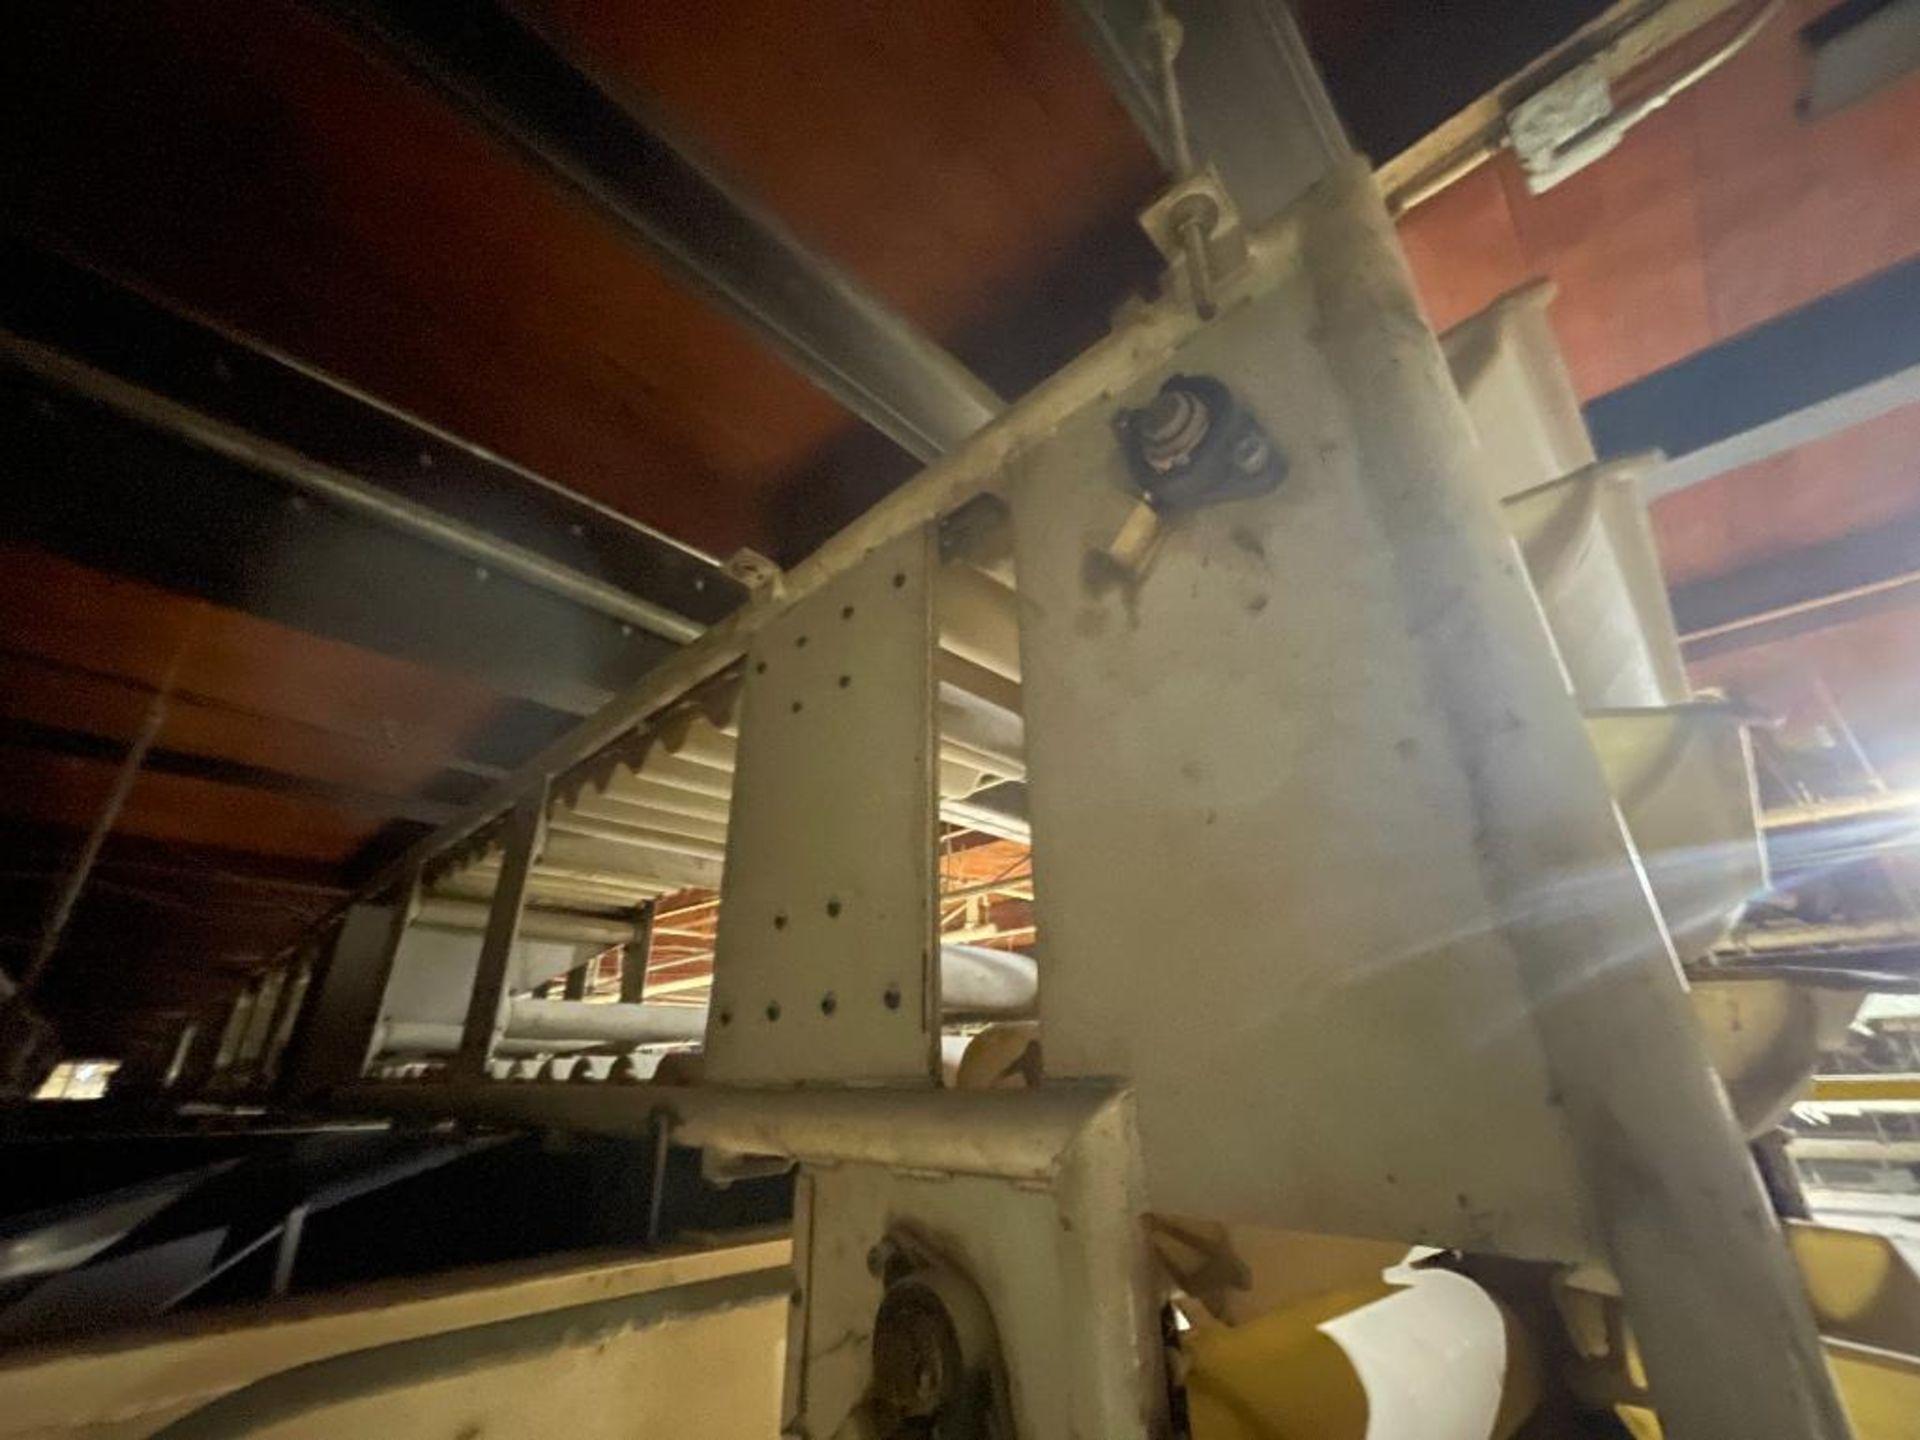 Aseeco horizontal overlapping bucket elevator - Image 12 of 13